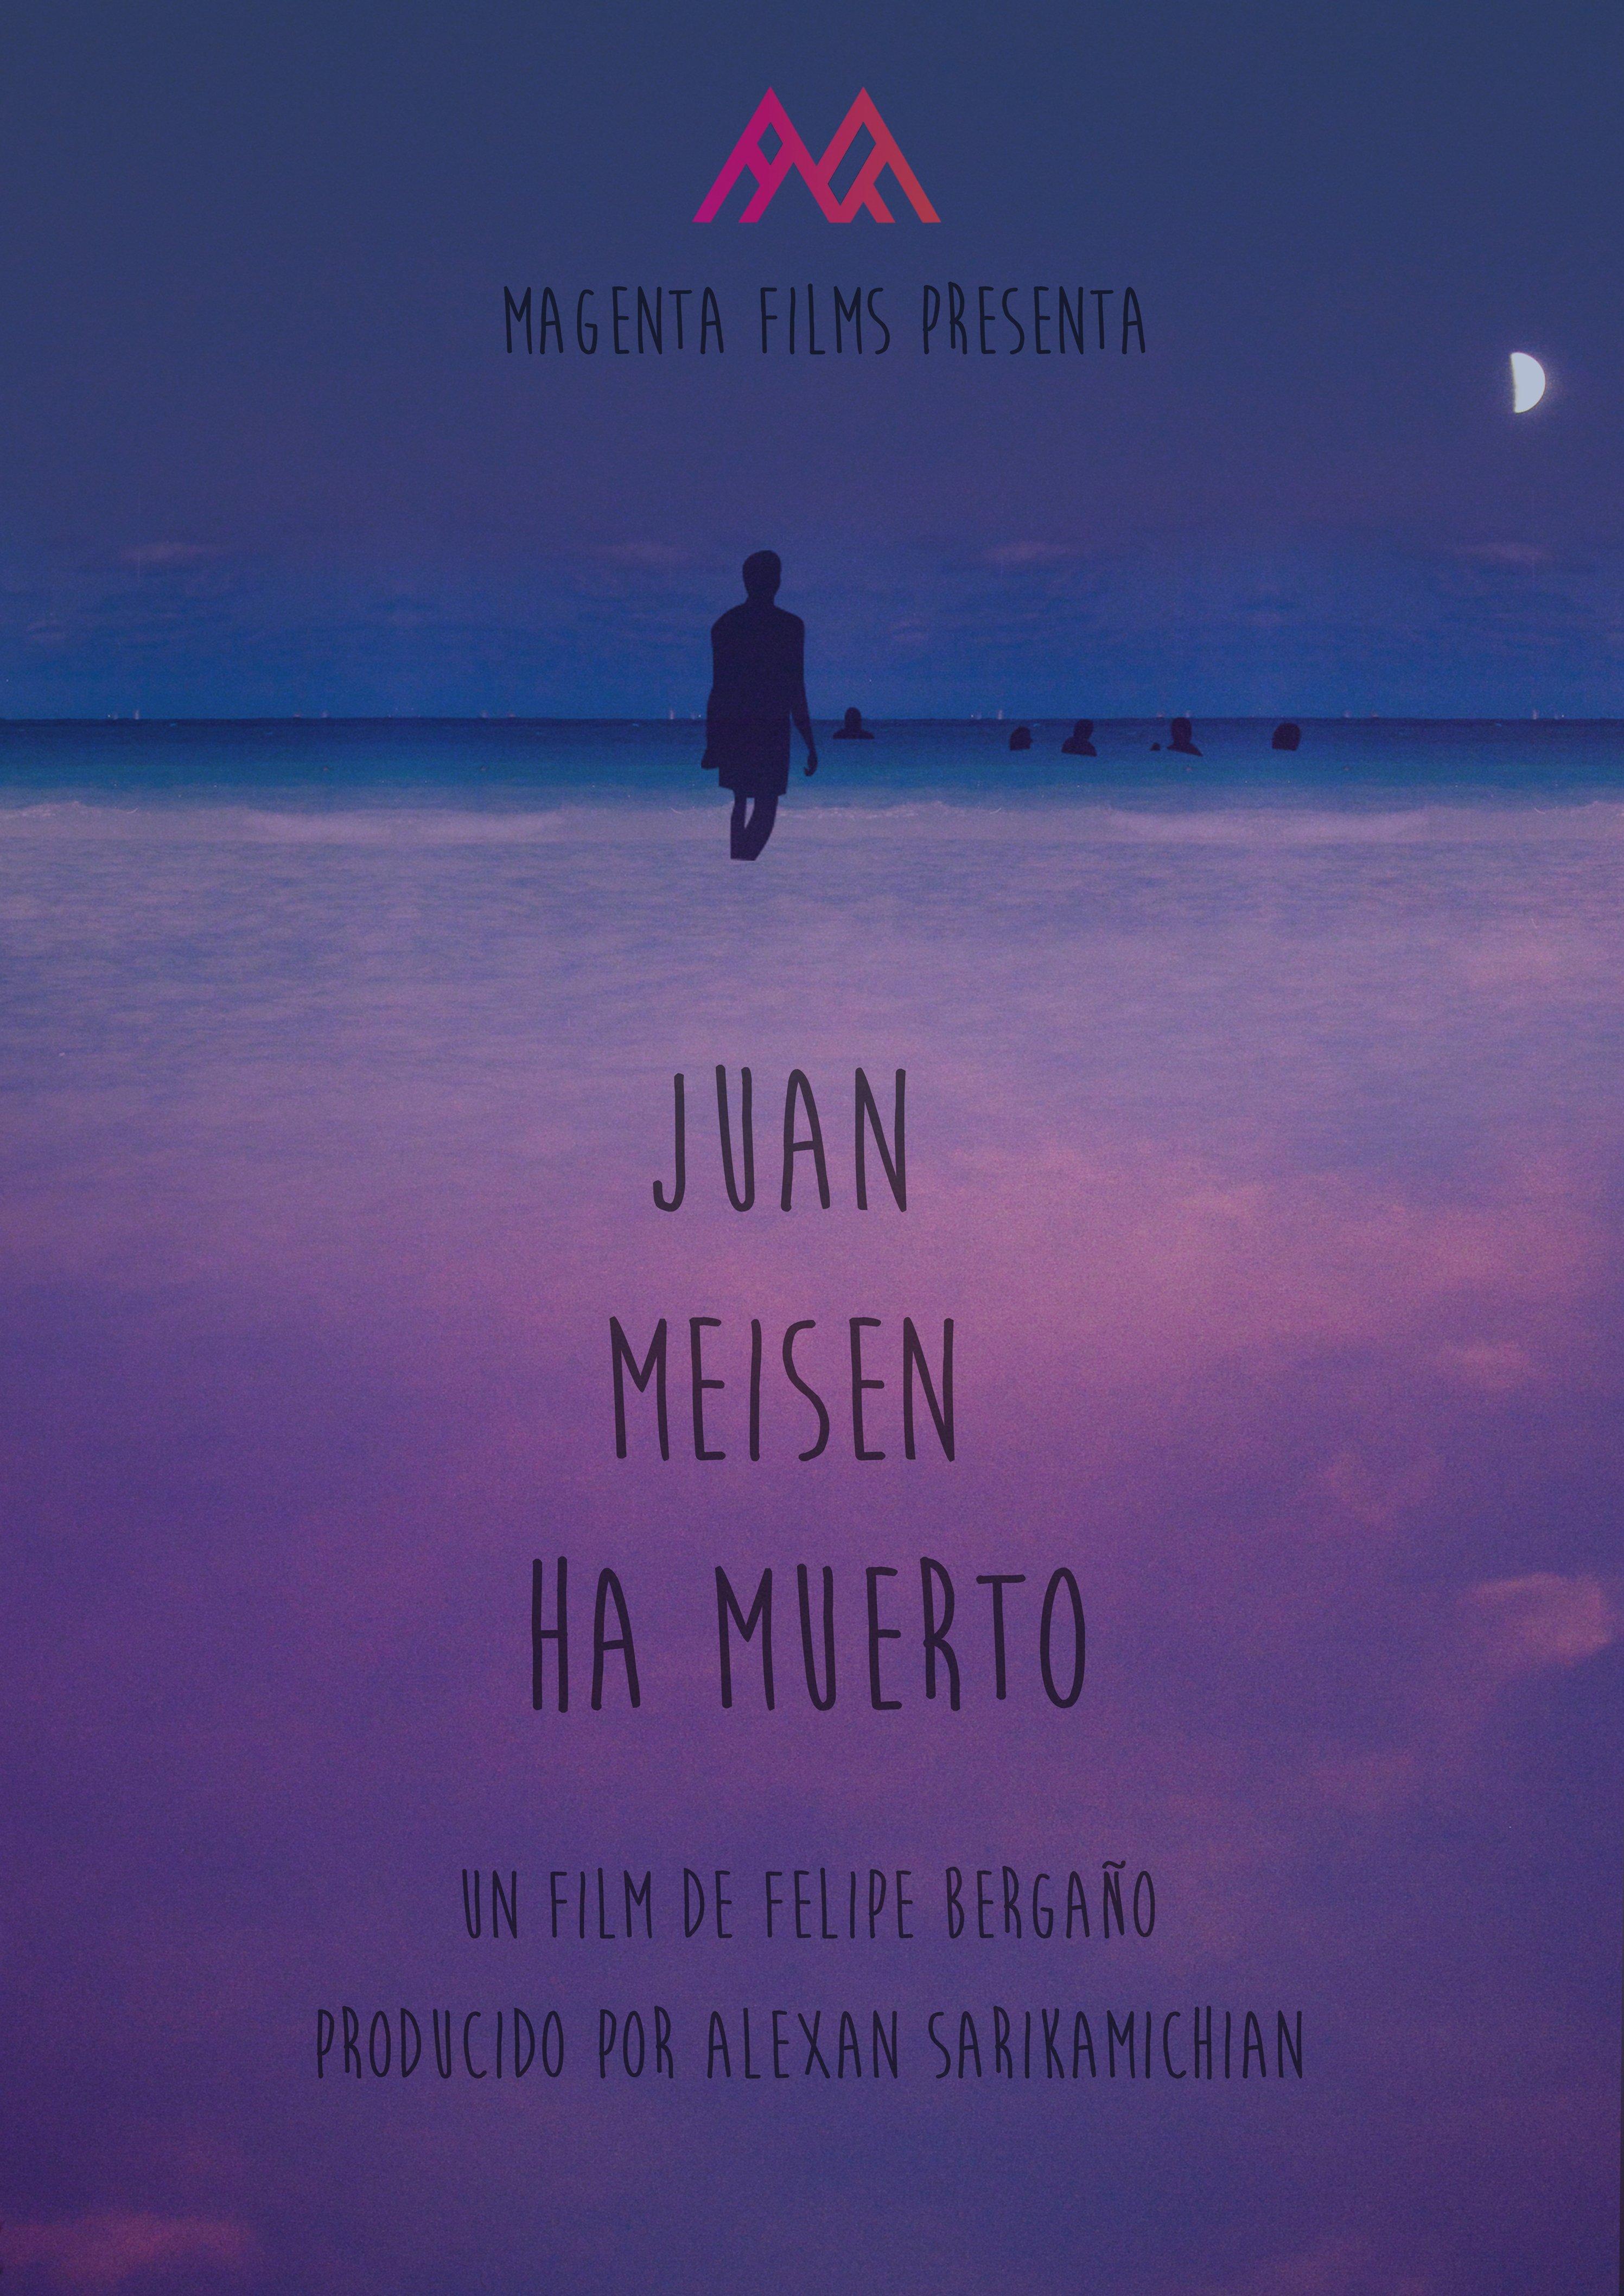 Juan Meisen ha muerto